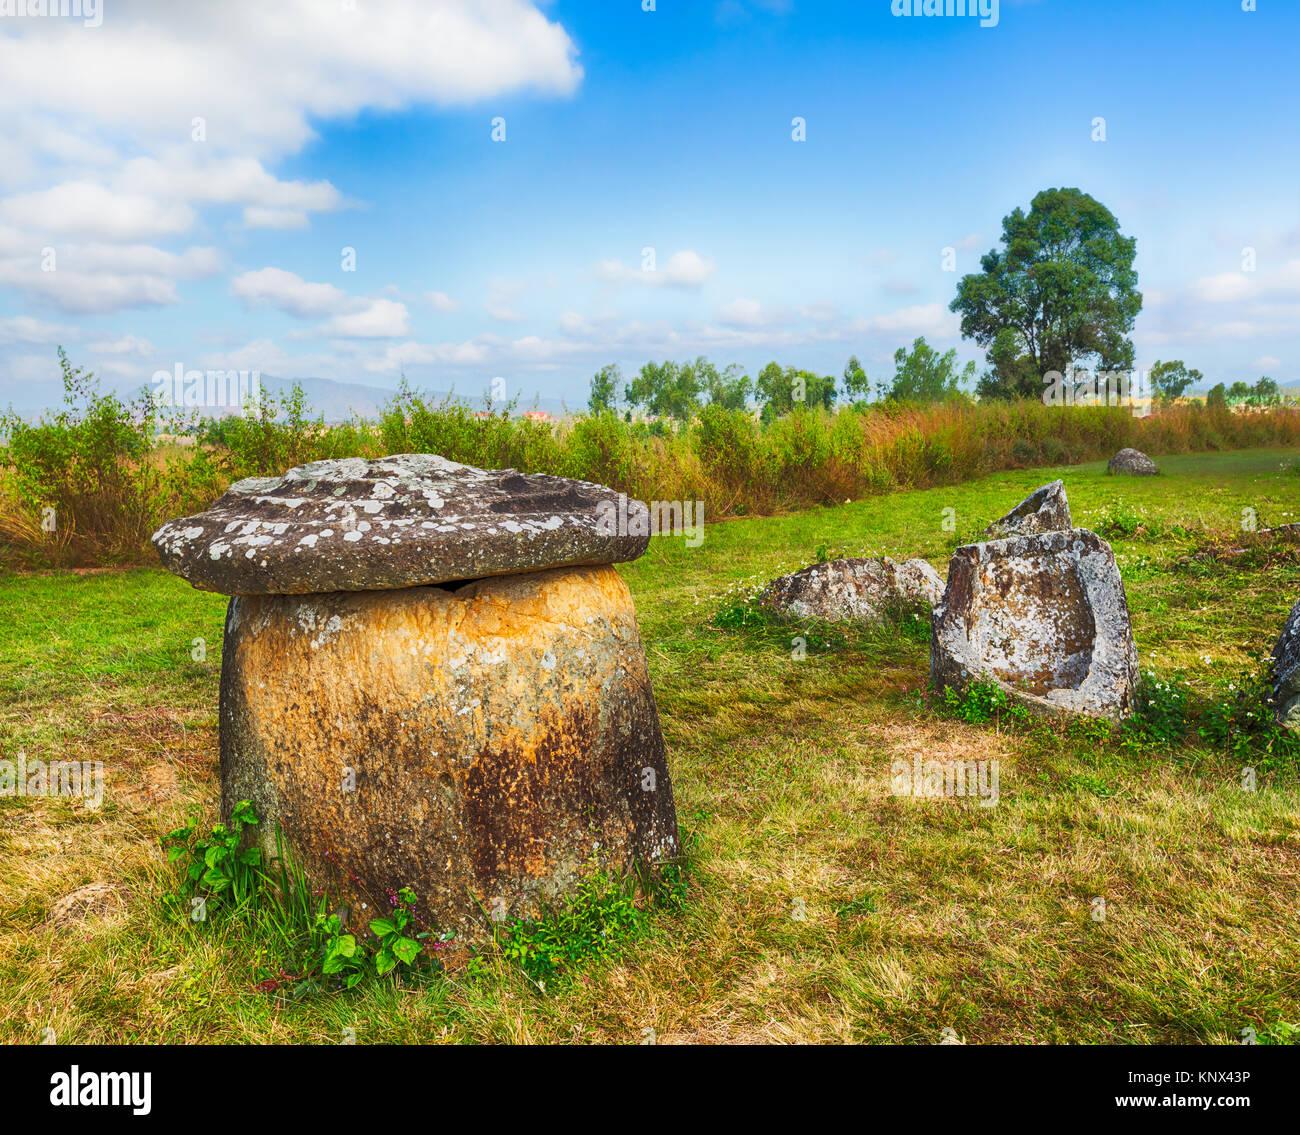 Vaso con coperchio. Paesaggio archeologico della pianura dei vasi. Laos Foto Stock